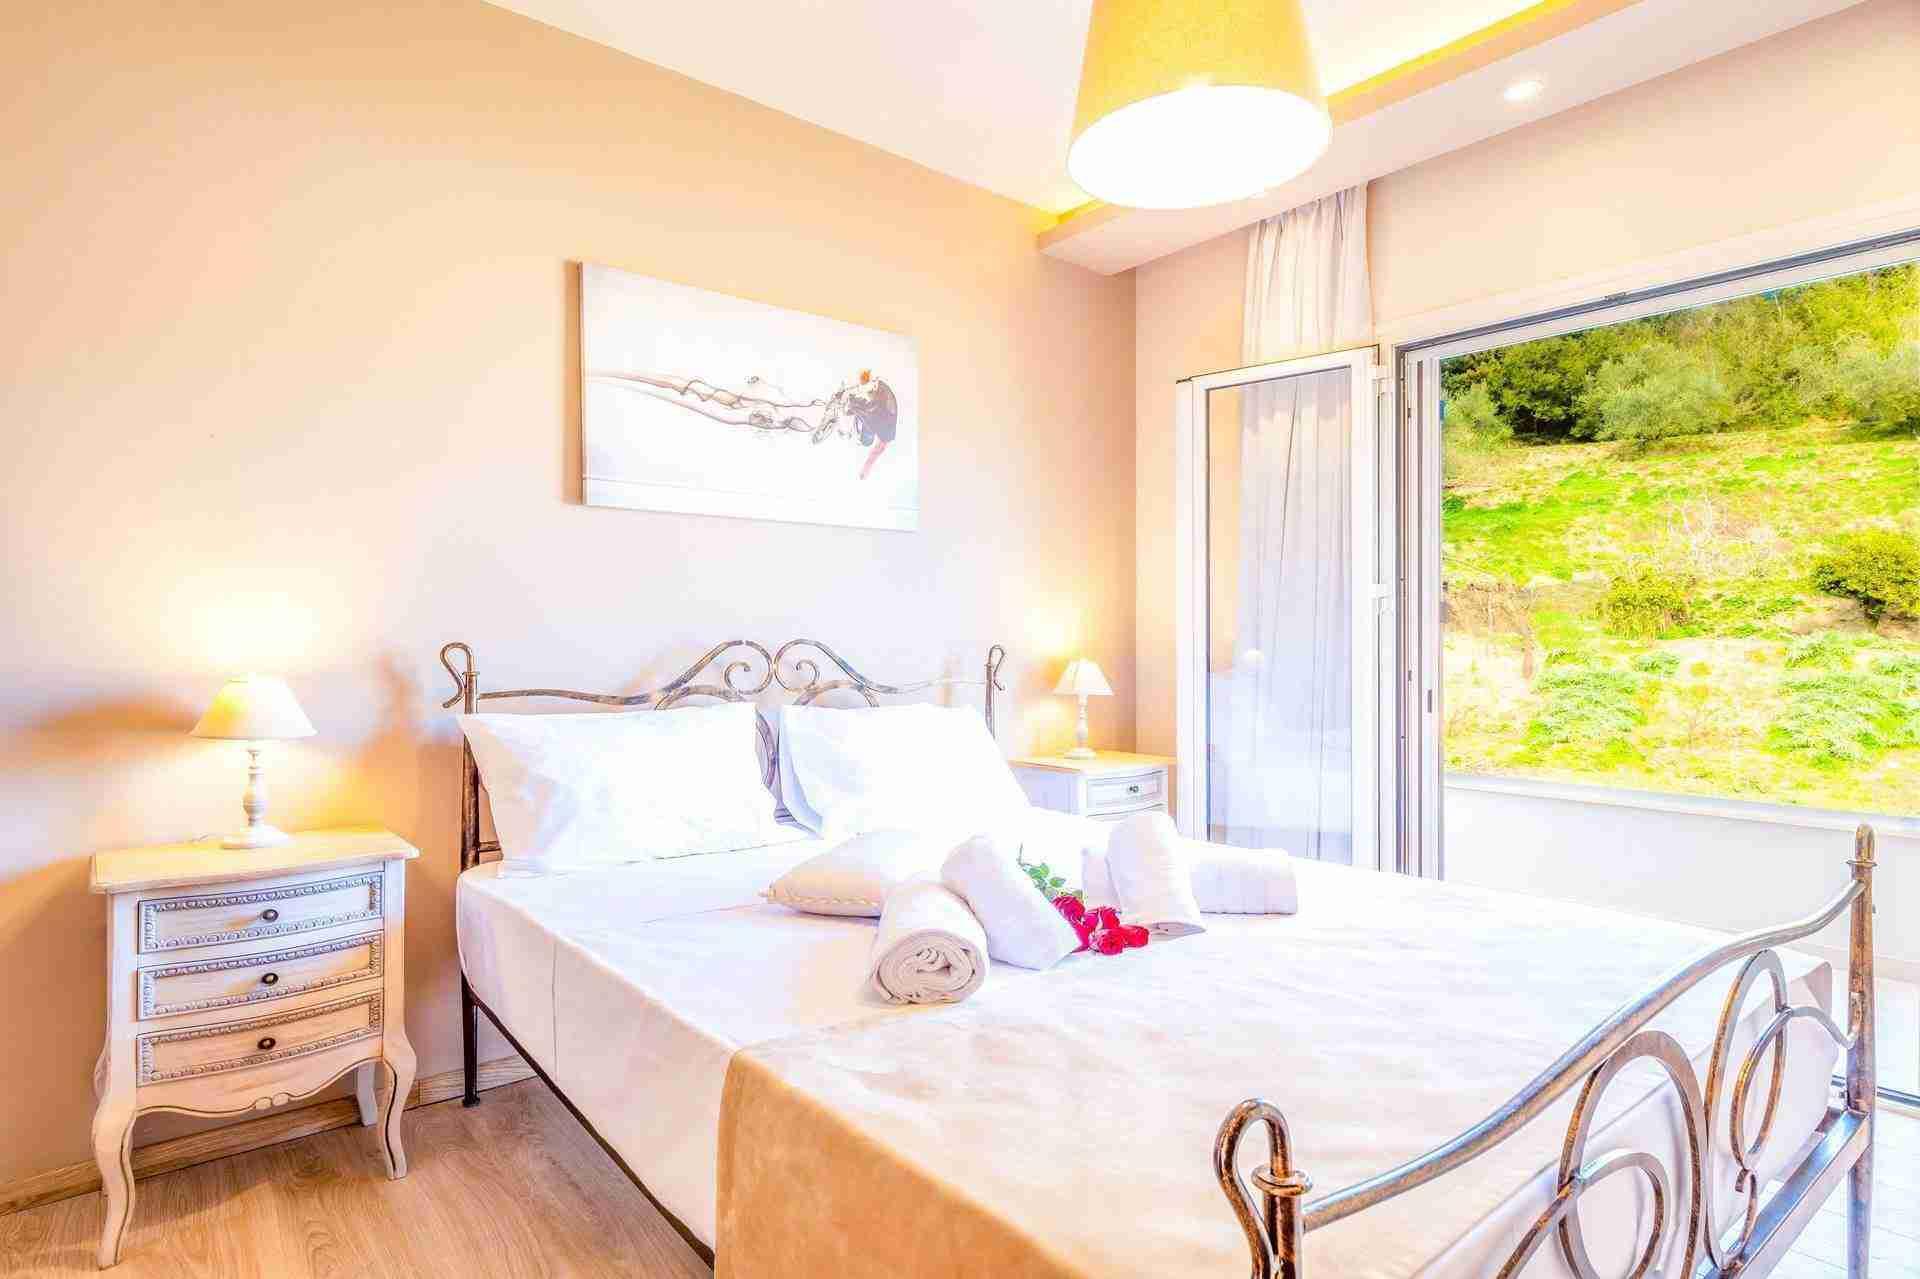 16 Petra double bedroom